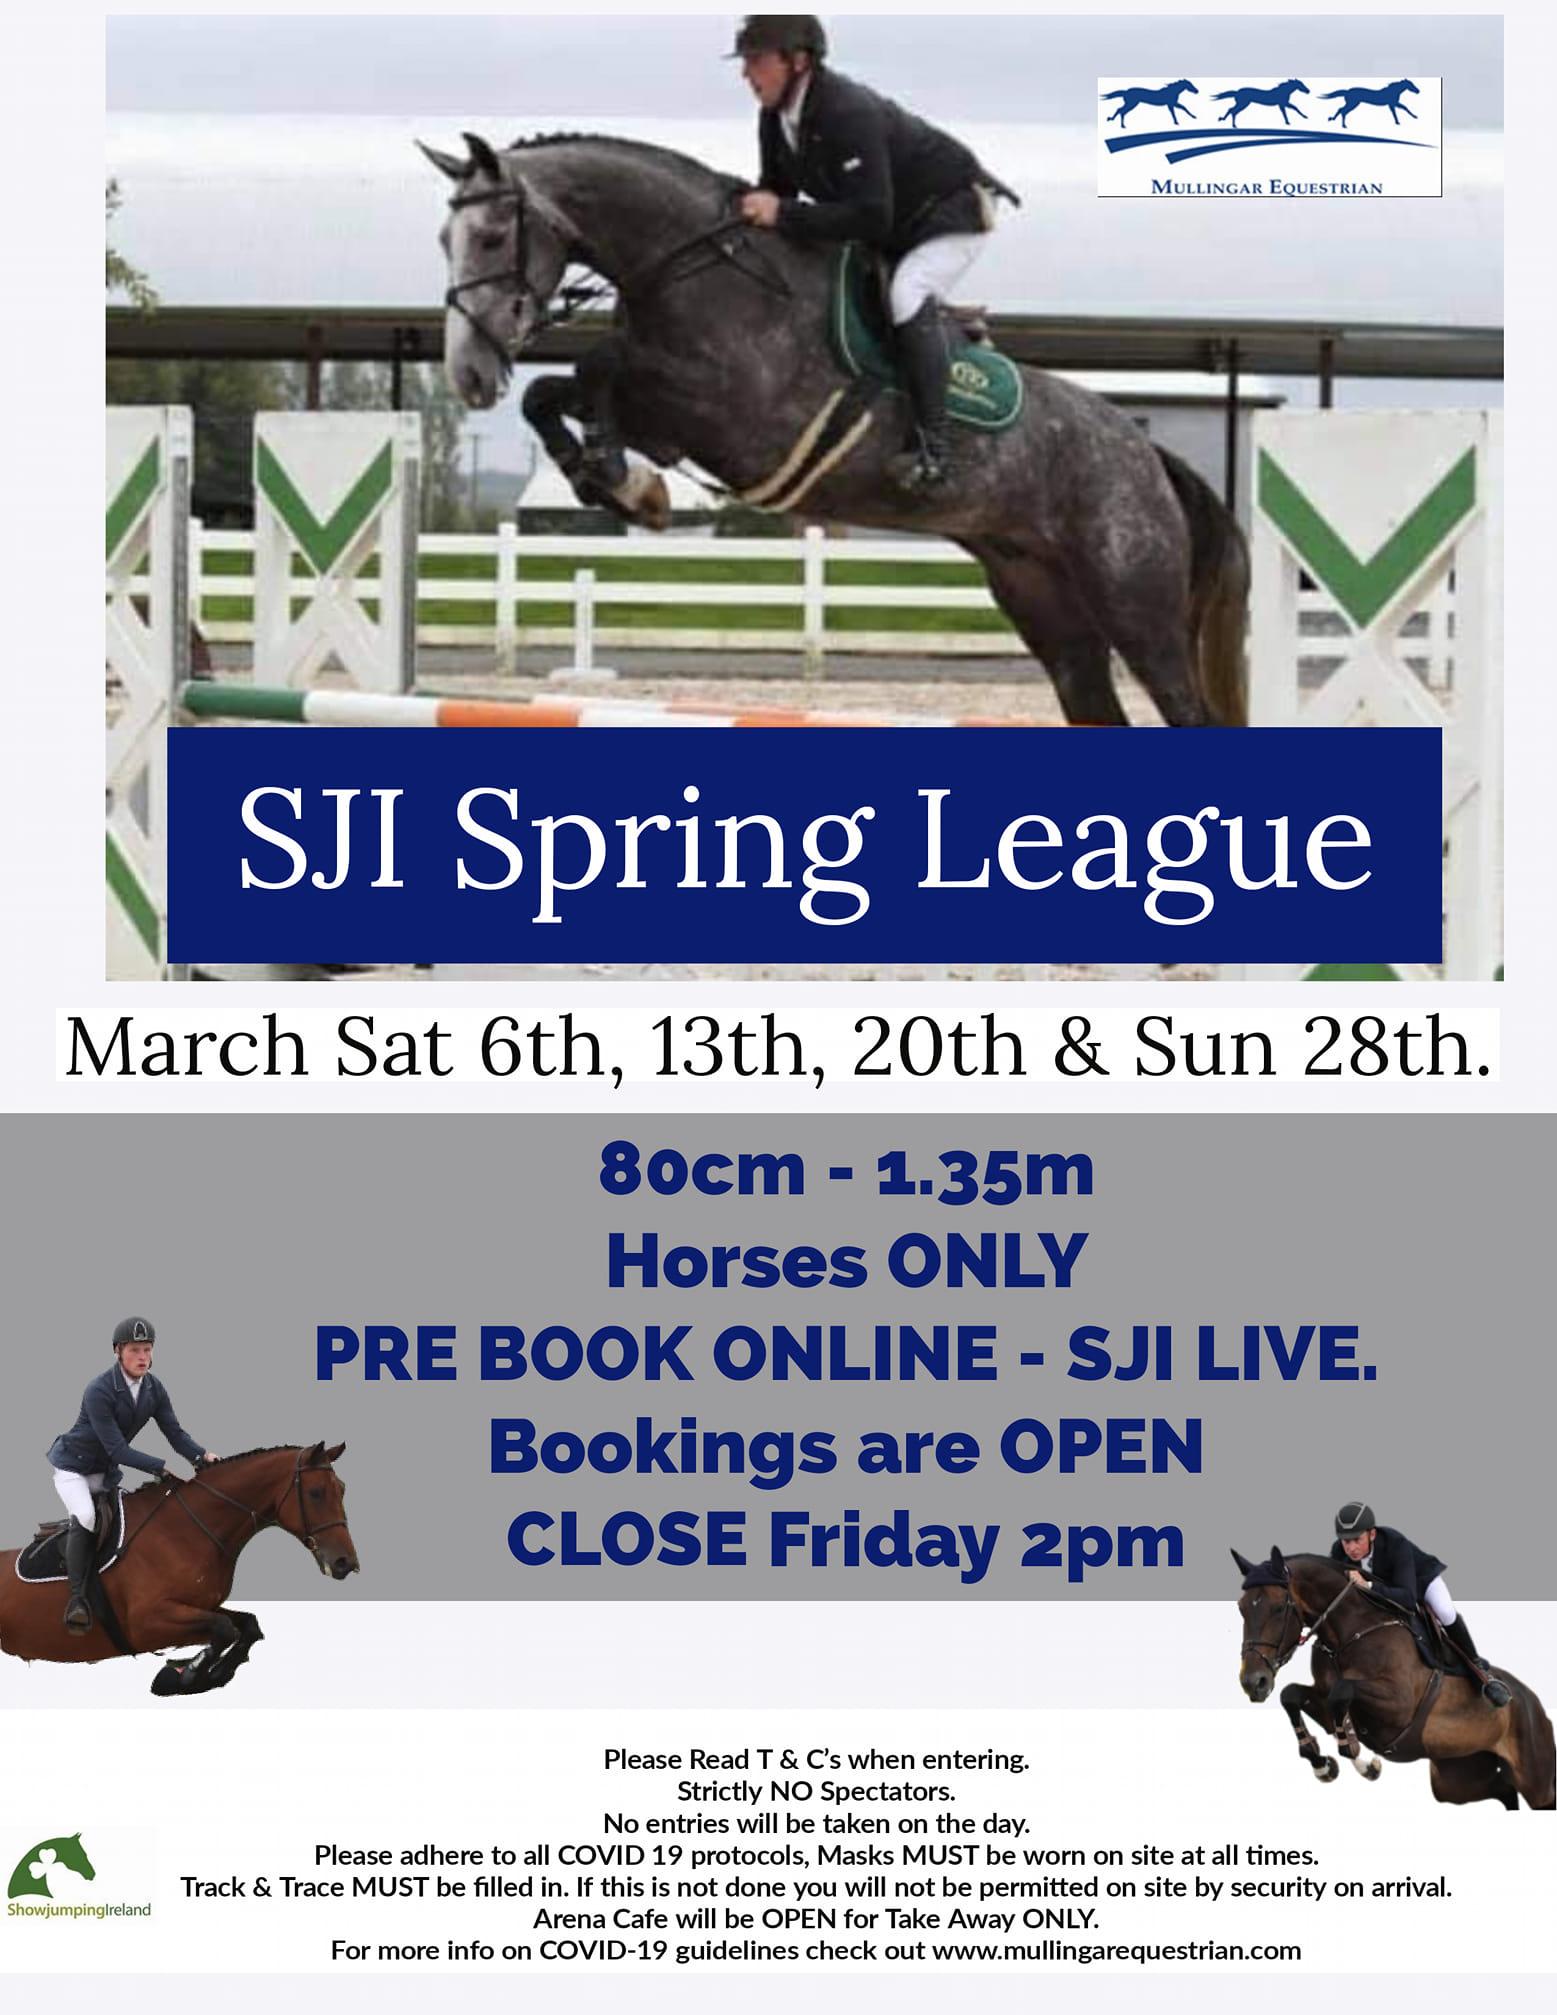 Mullingar SJI Spring League Horses Only